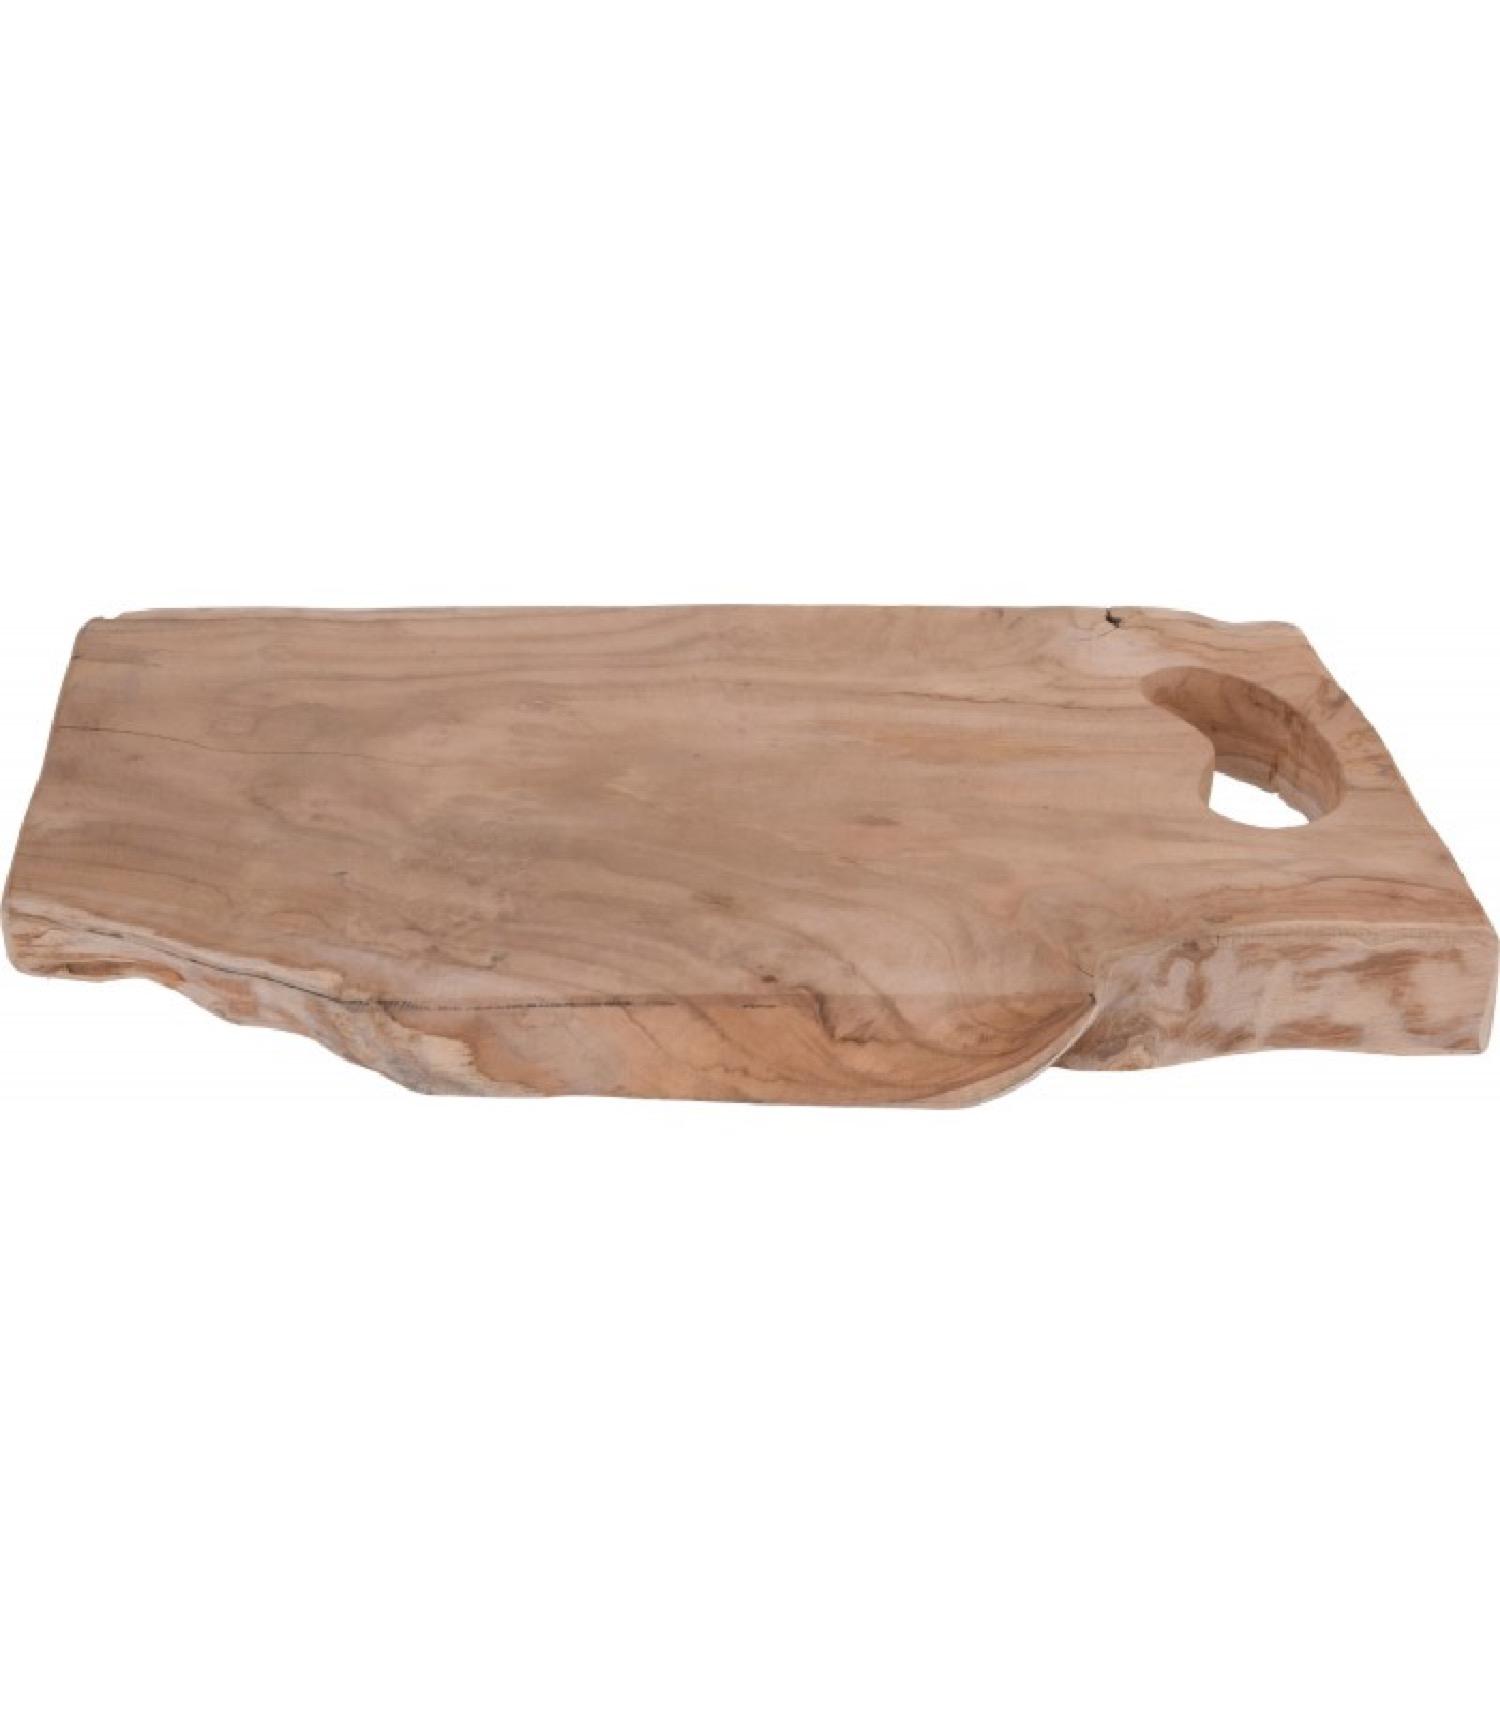 Planche à découper rectangulaire en teck